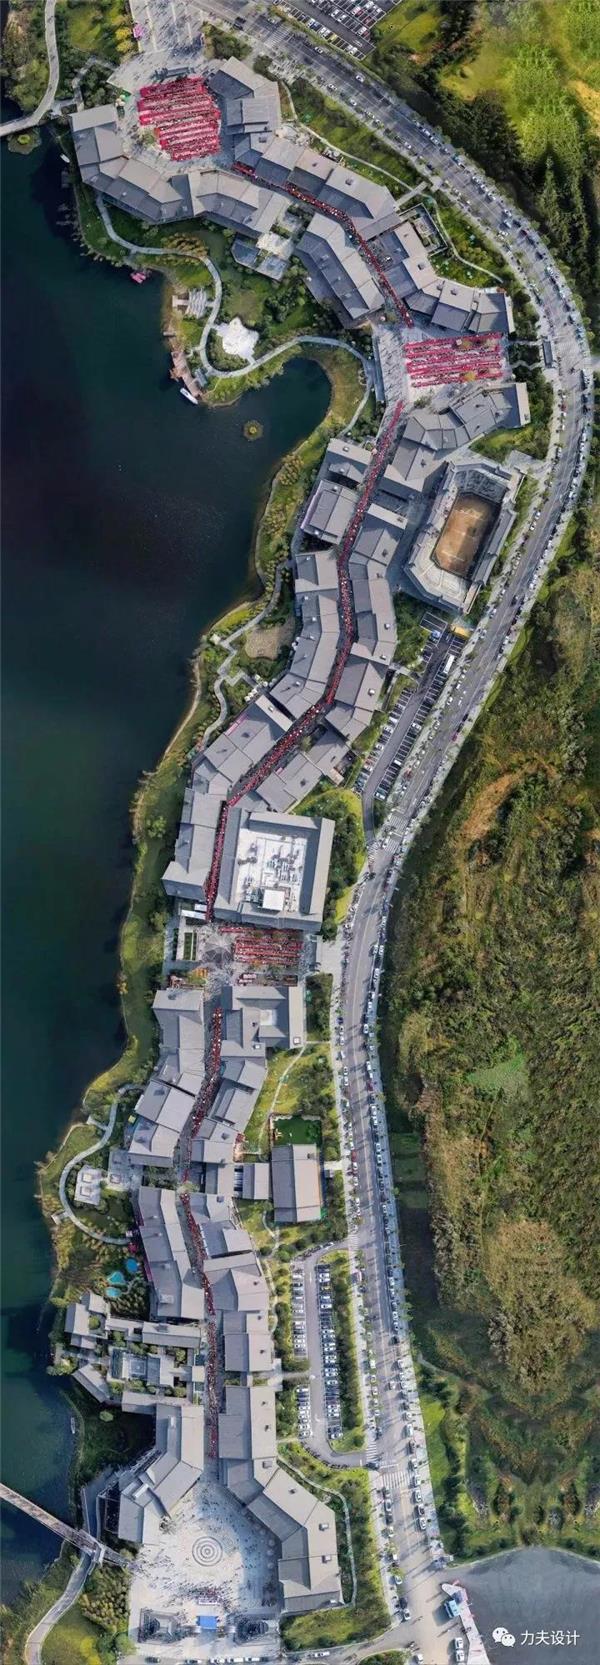 丹寨万达小镇的策划定位、建筑设计等剖析